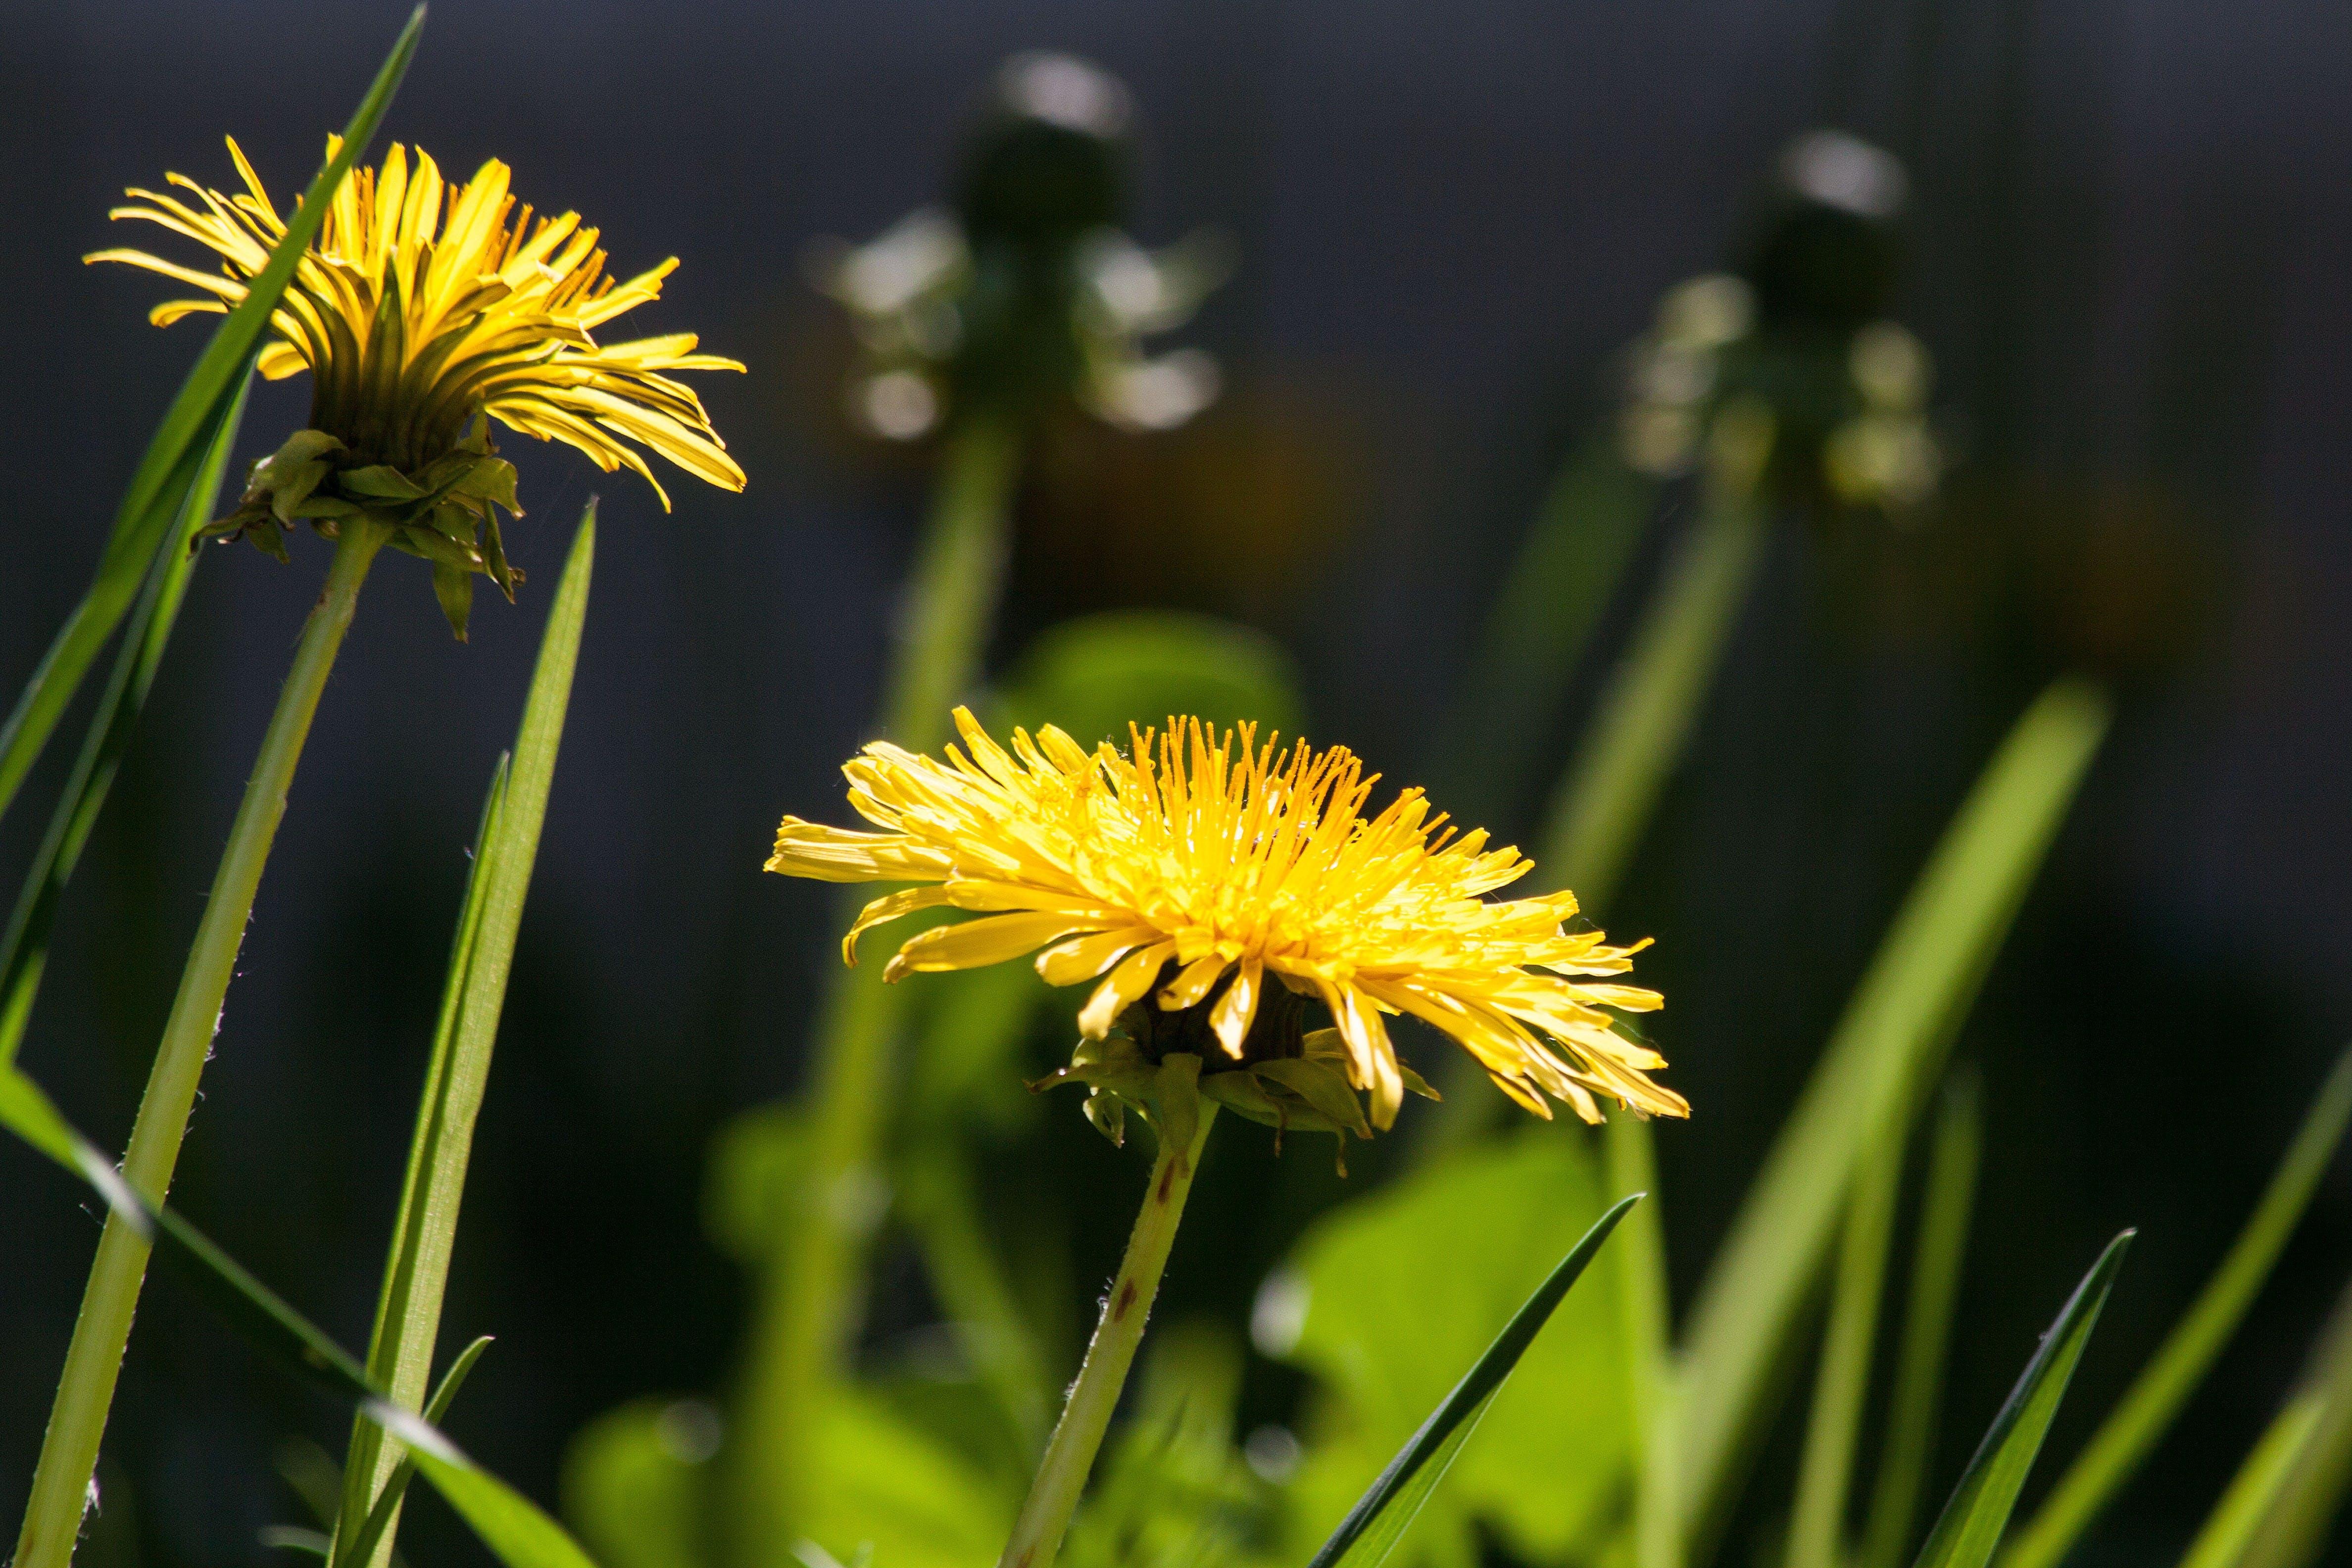 Bokeh Shot of Yellow Flower during Daytime